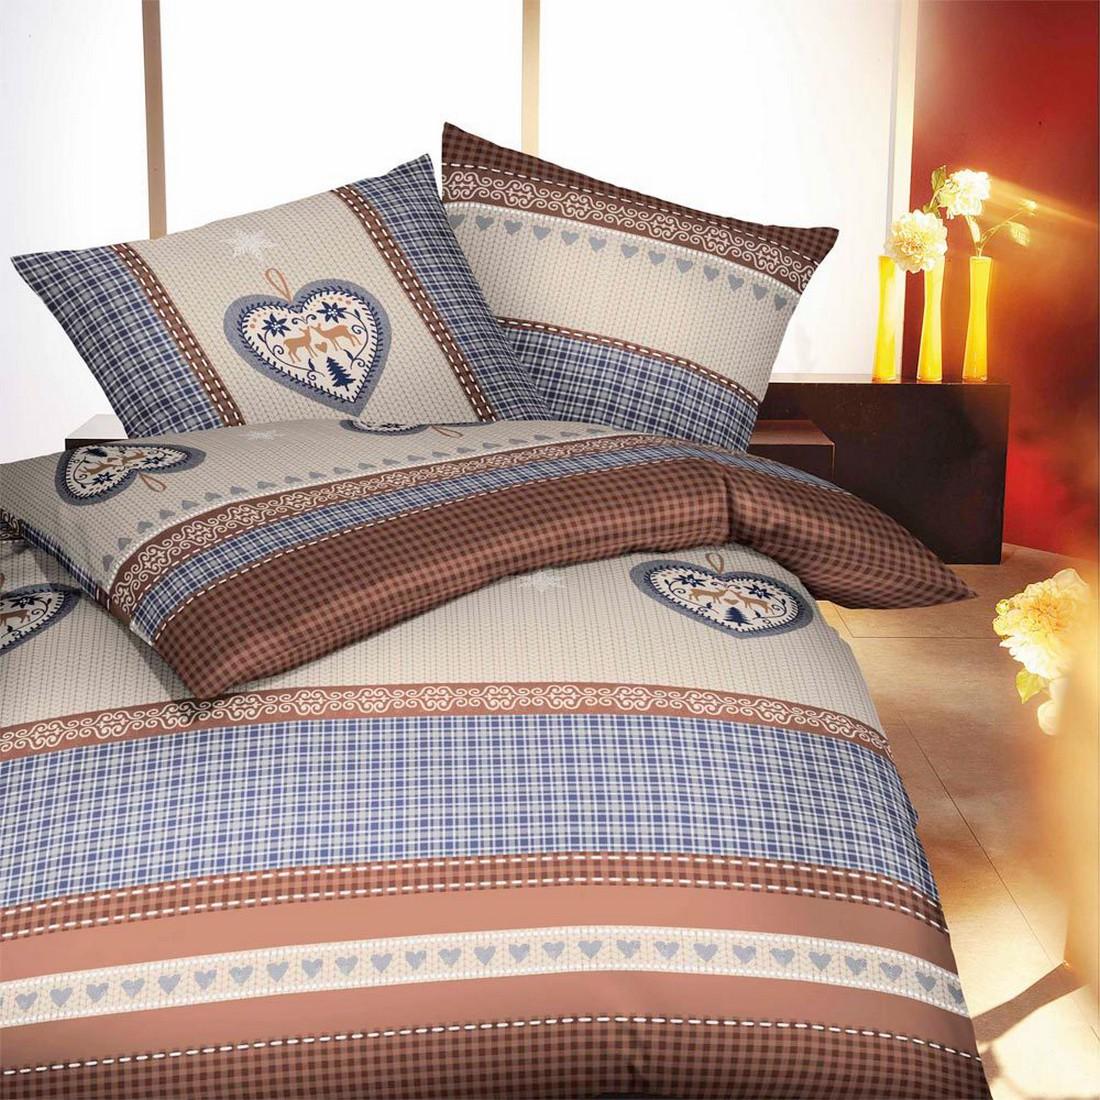 Bettwäsche – Winterlove – Biber/Baumwolle – Braun – 155×220 cm + 80×80 cm, kaeppel jetzt bestellen